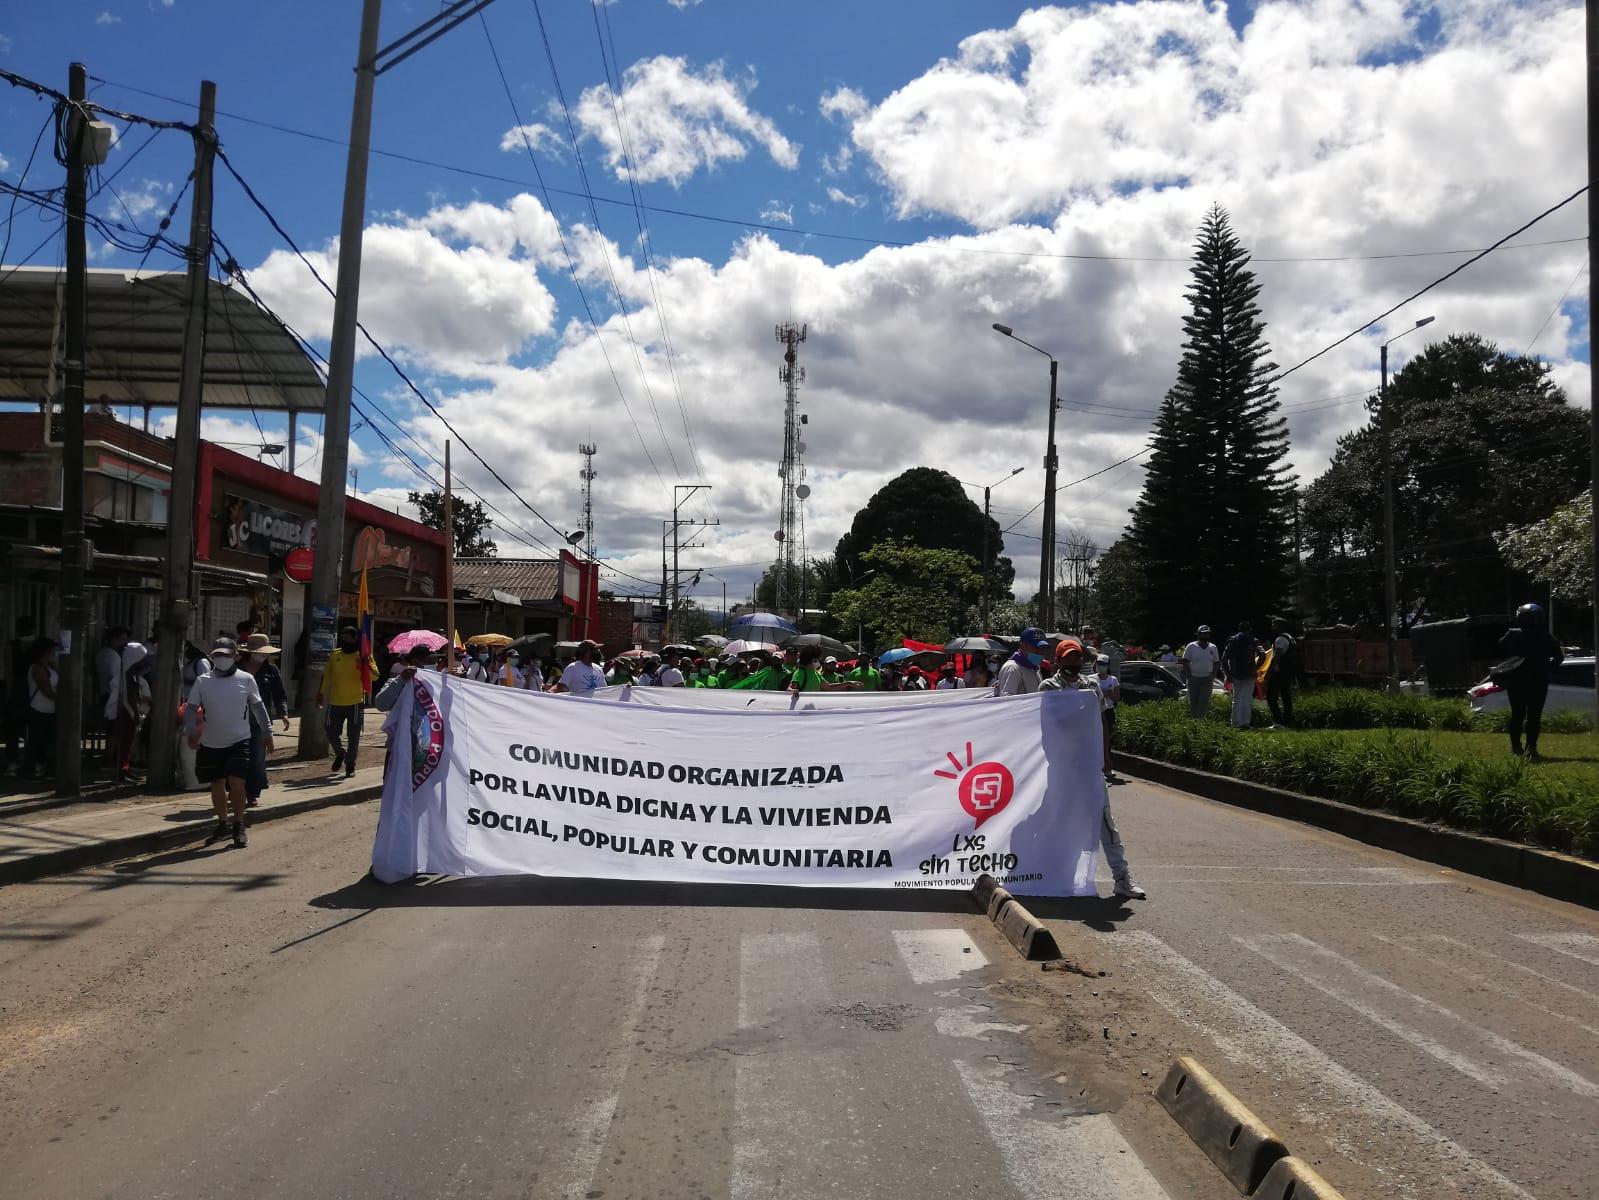 Manifestaciones en Popayán 20 de julio.